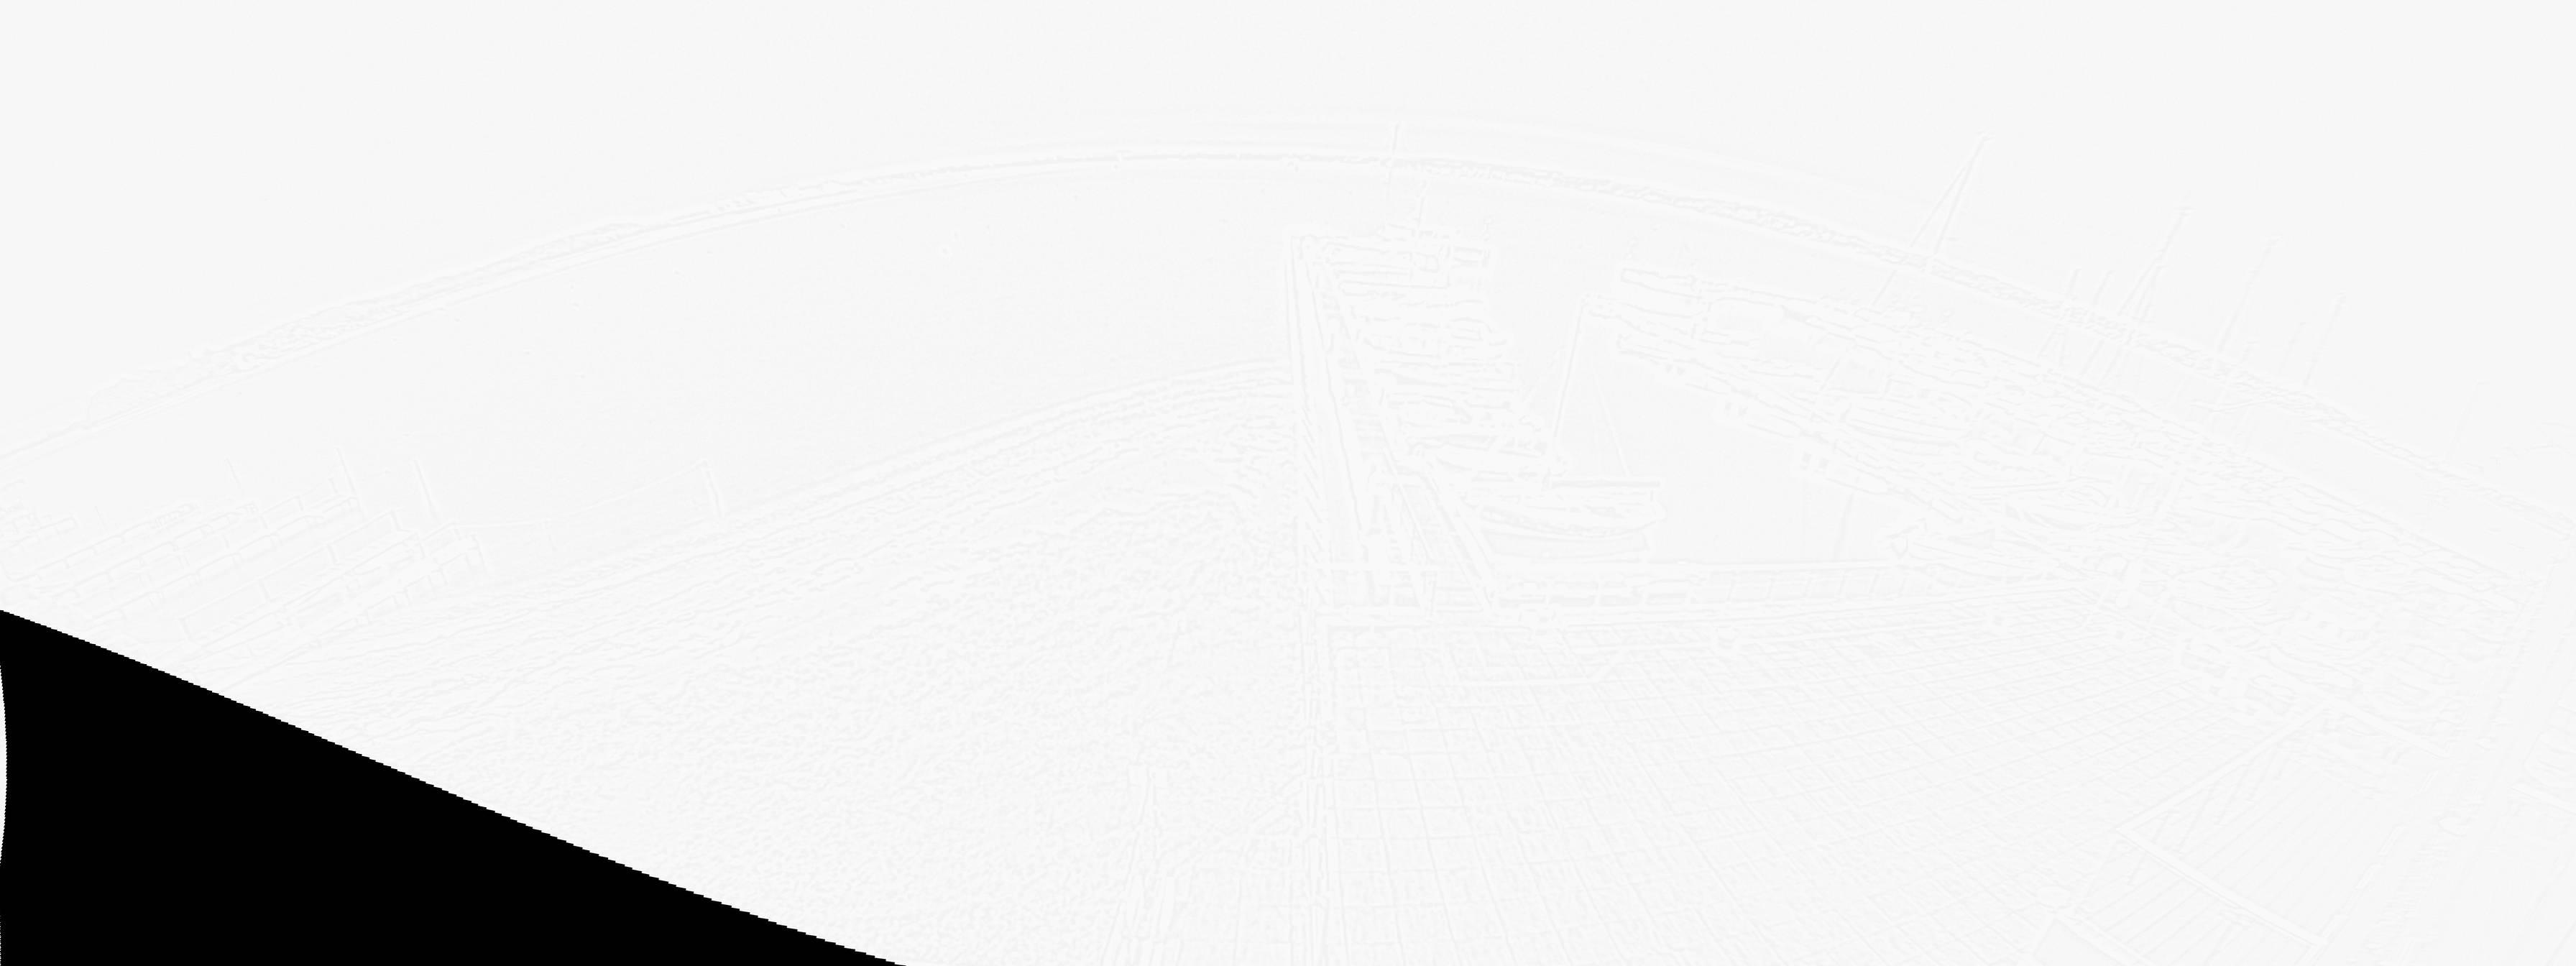 Current webcam image